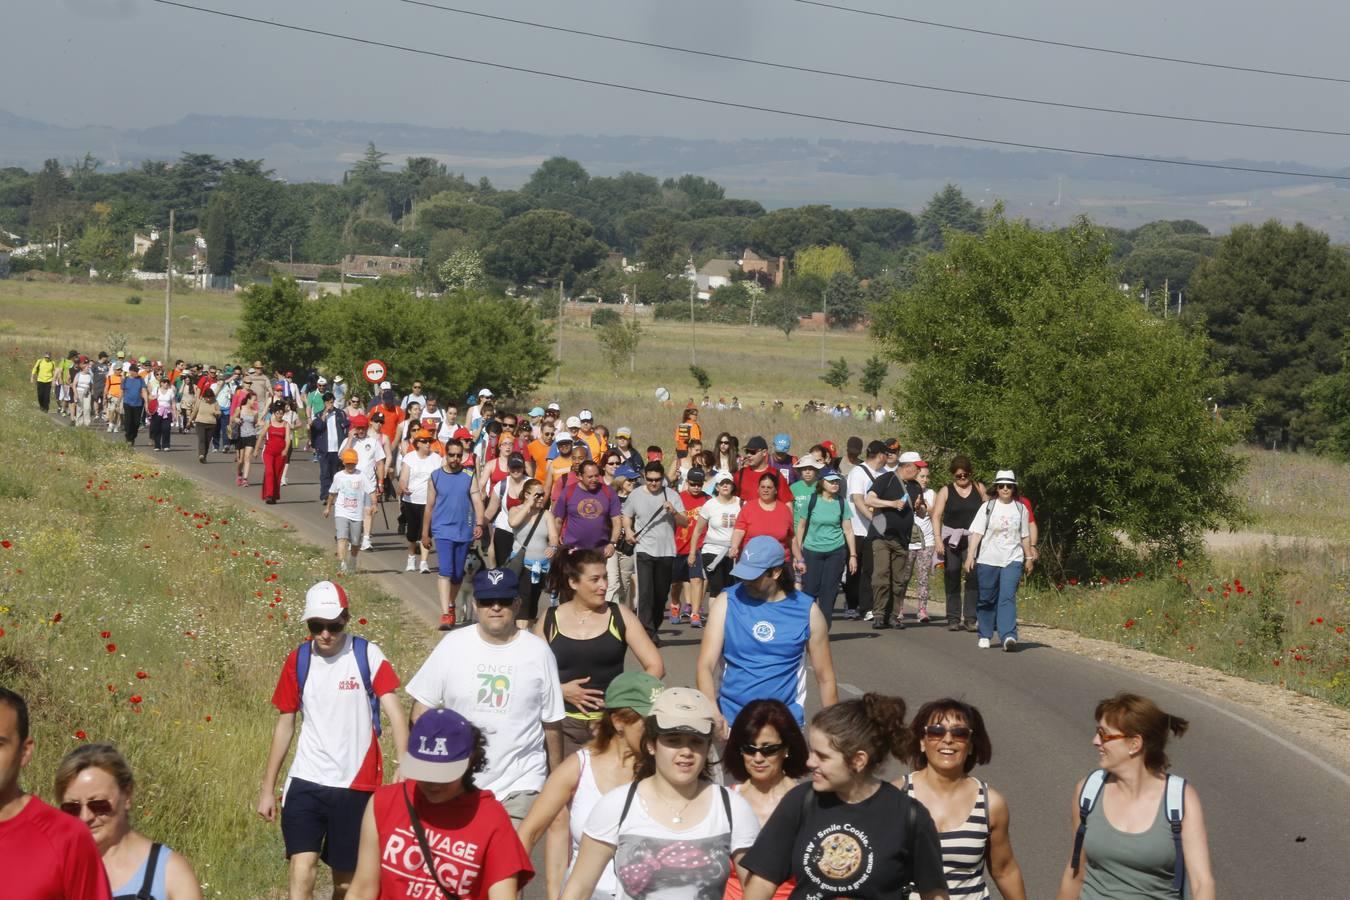 Marcha Asprona 2014 en Valladolid (11/15